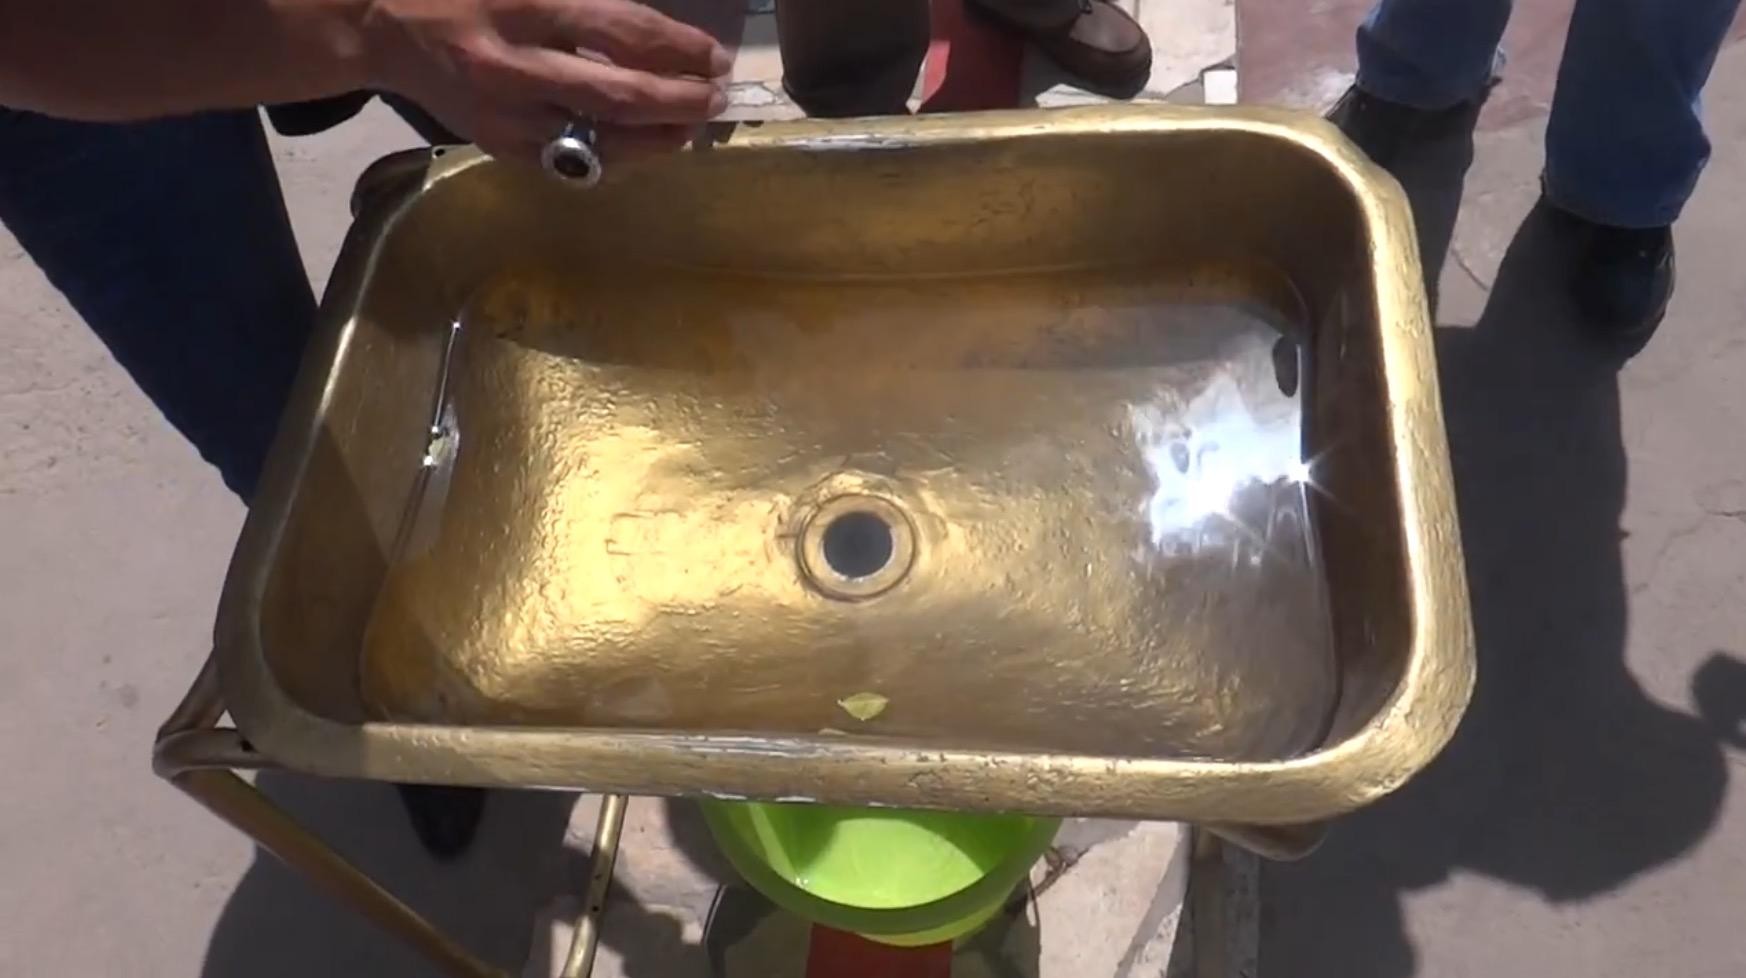 【お詫びと訂正】【実験】赤道直下で水を抜いてみた結果、不思議な光景が!しかし、10メートルずれた位置だと、、